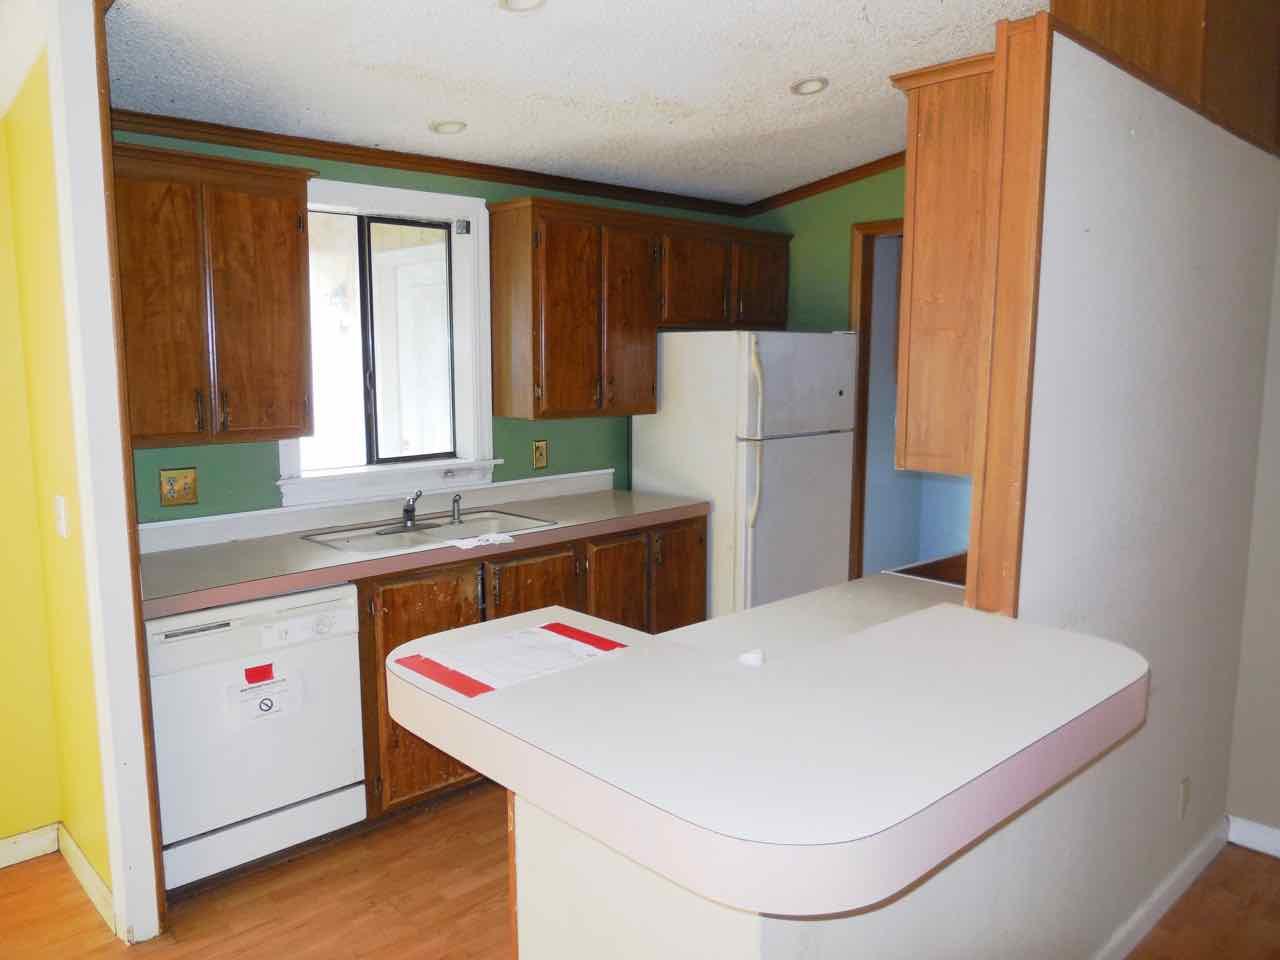 561-820190 kitchen (2)